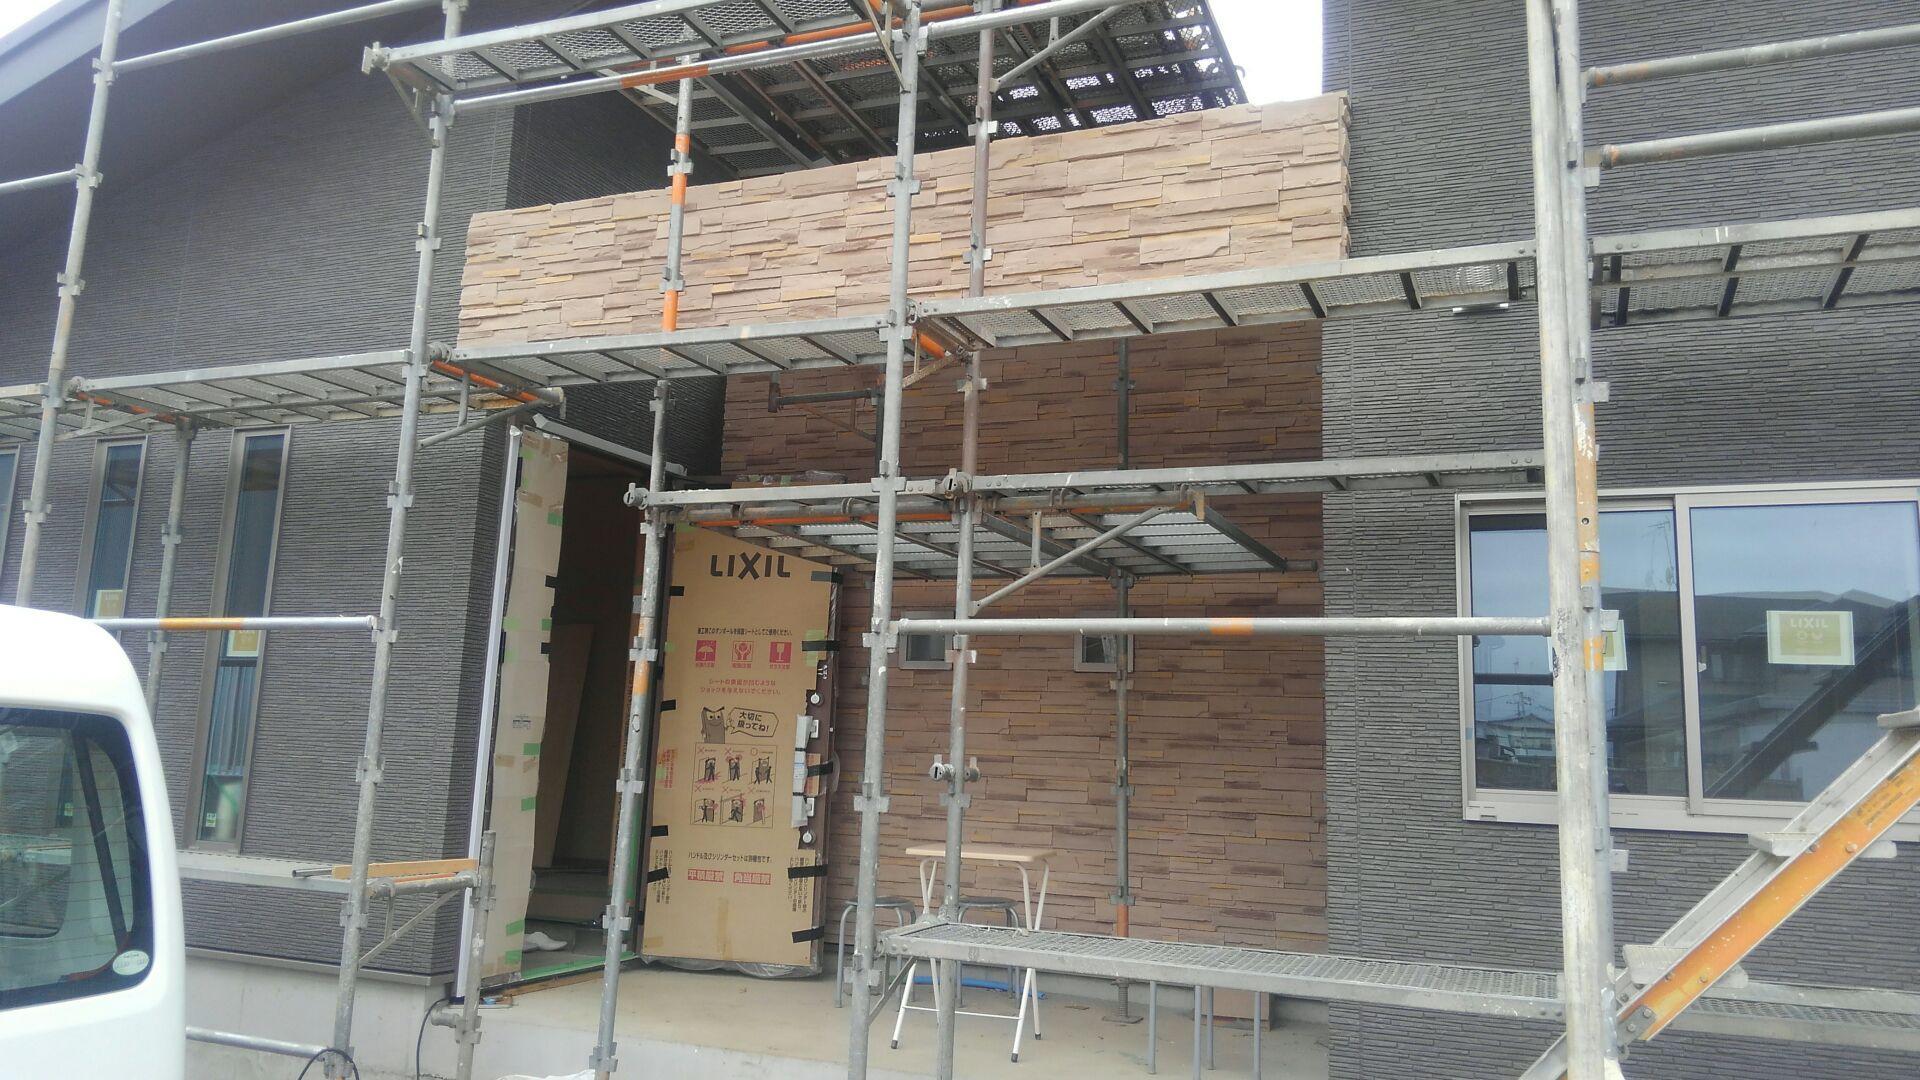 玄関ポーチの壁と、梁の石材調サイディングが完成しました。なかなかの出来栄え♪ステキな空間が仕上がりました。